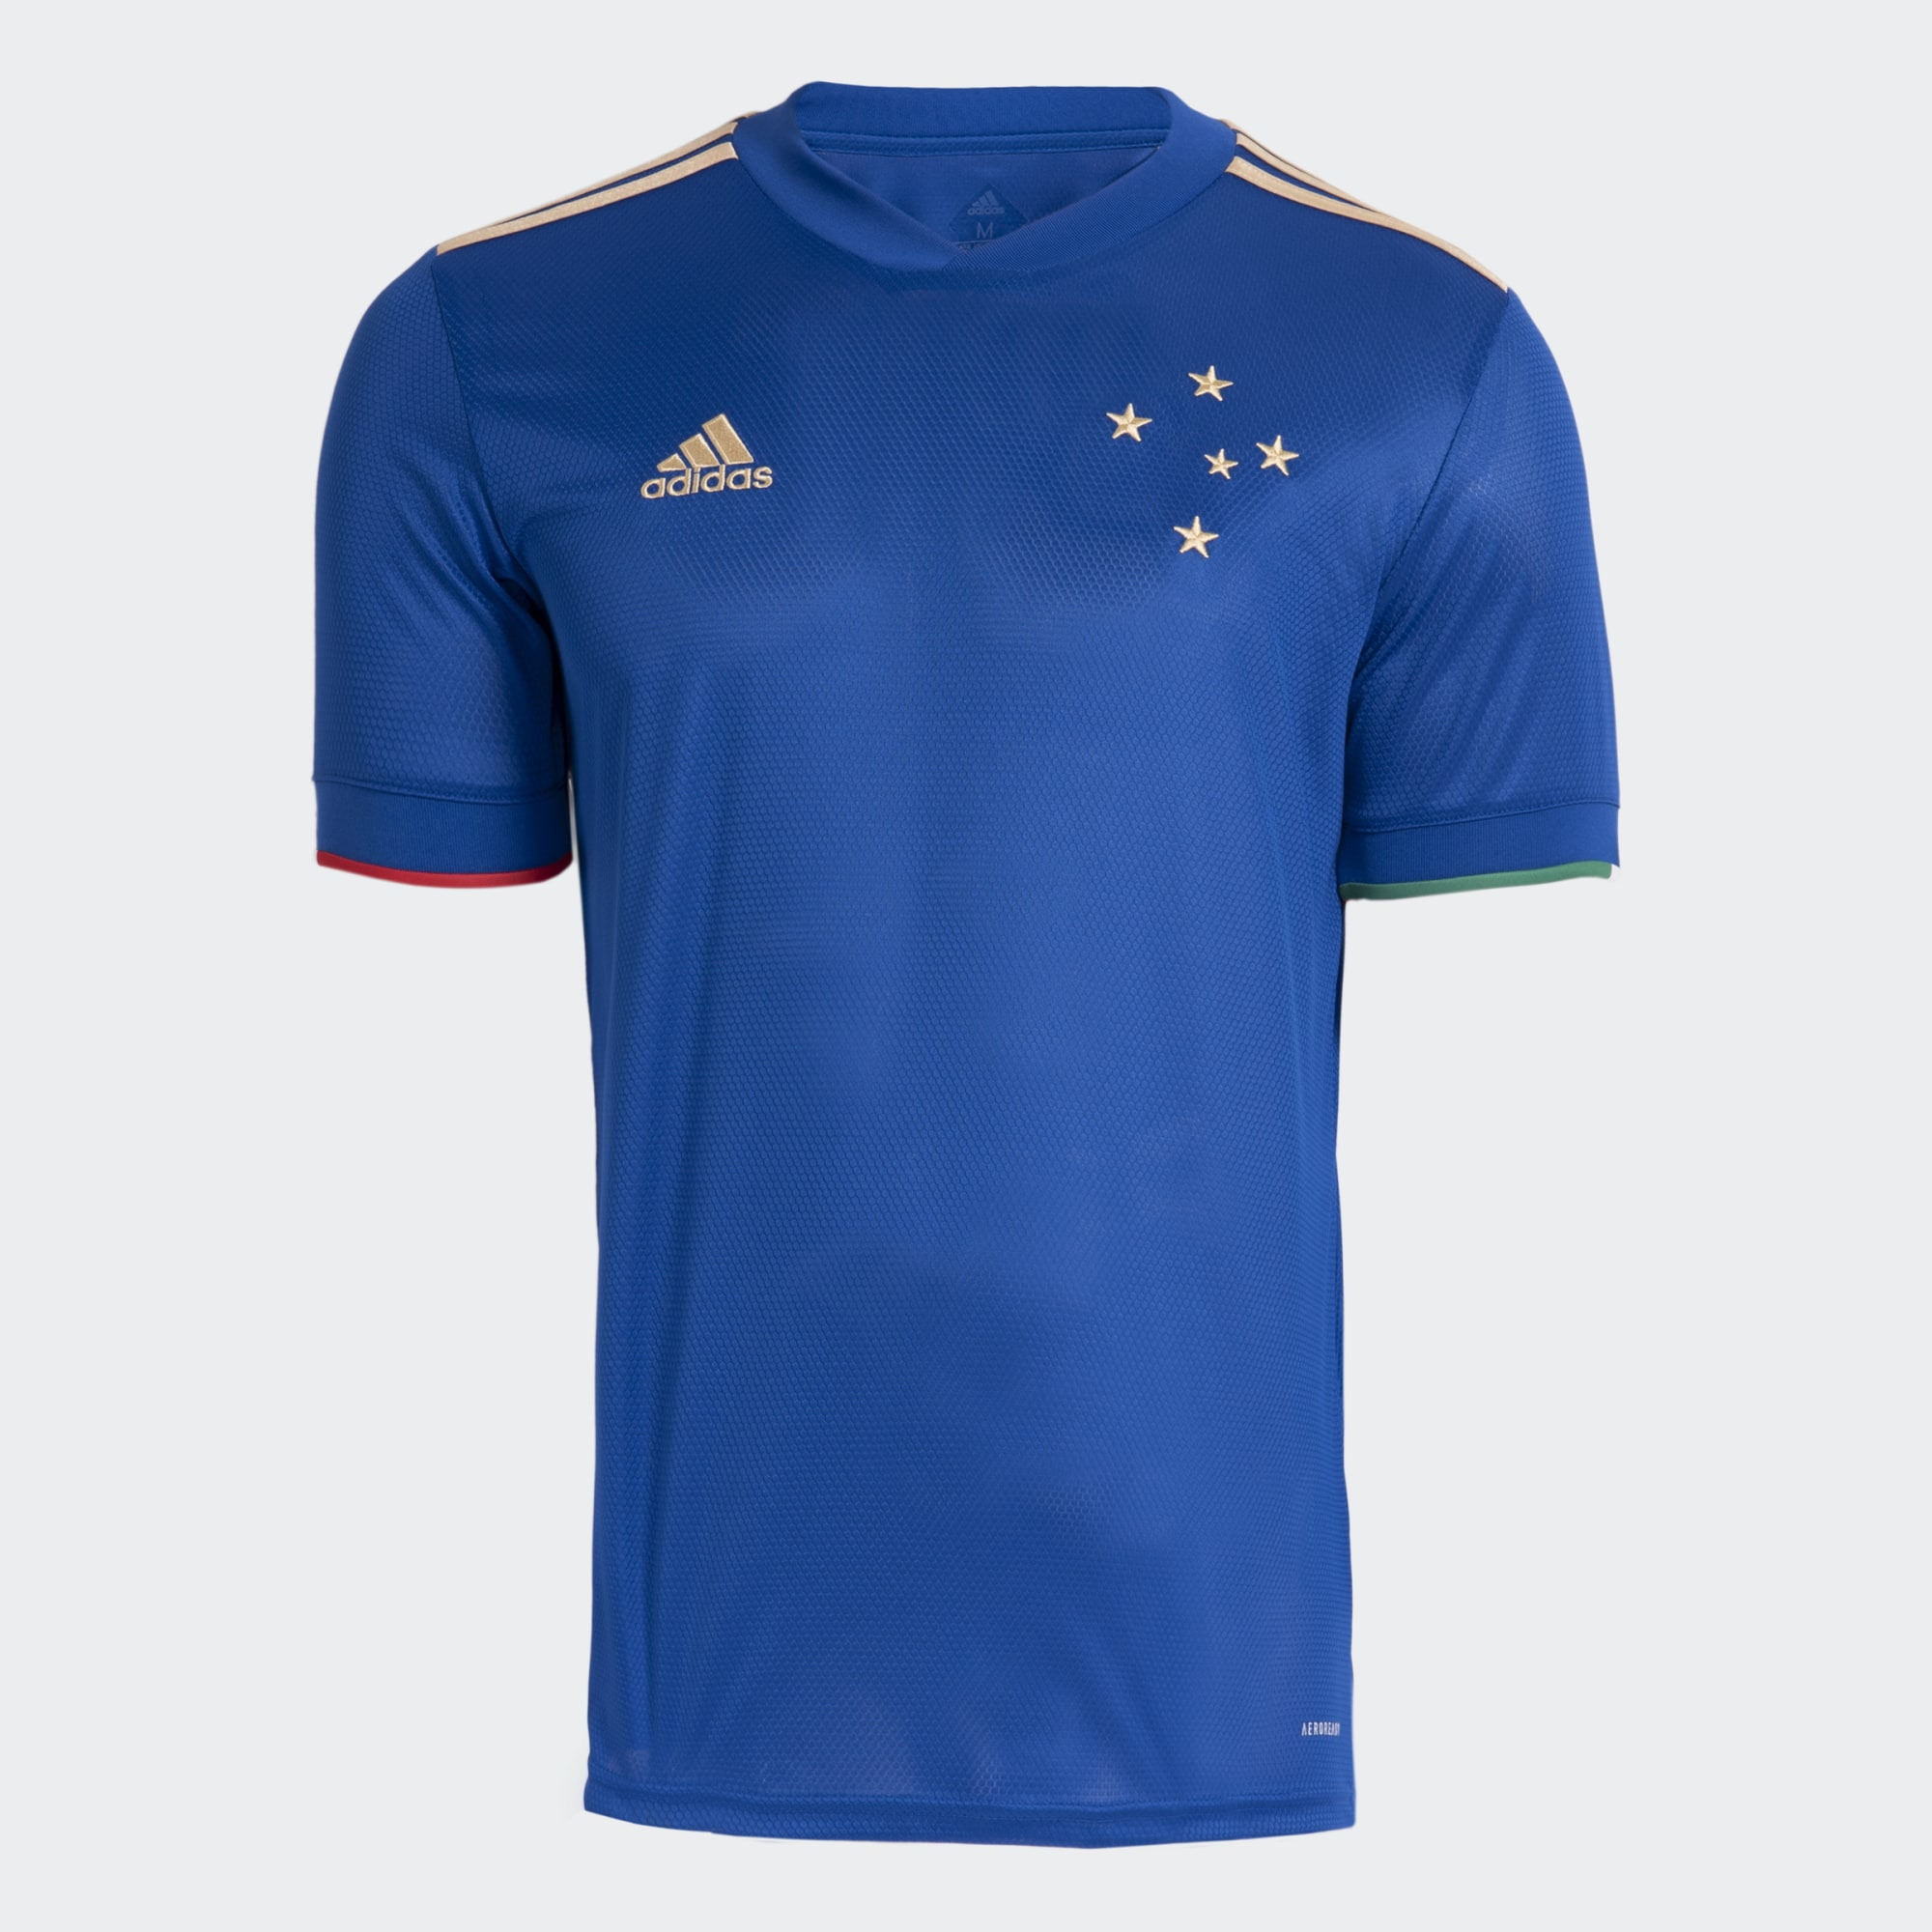 Camisa Oficial 1 Infantil Unissex  Adidas Centenário Cruzeiro